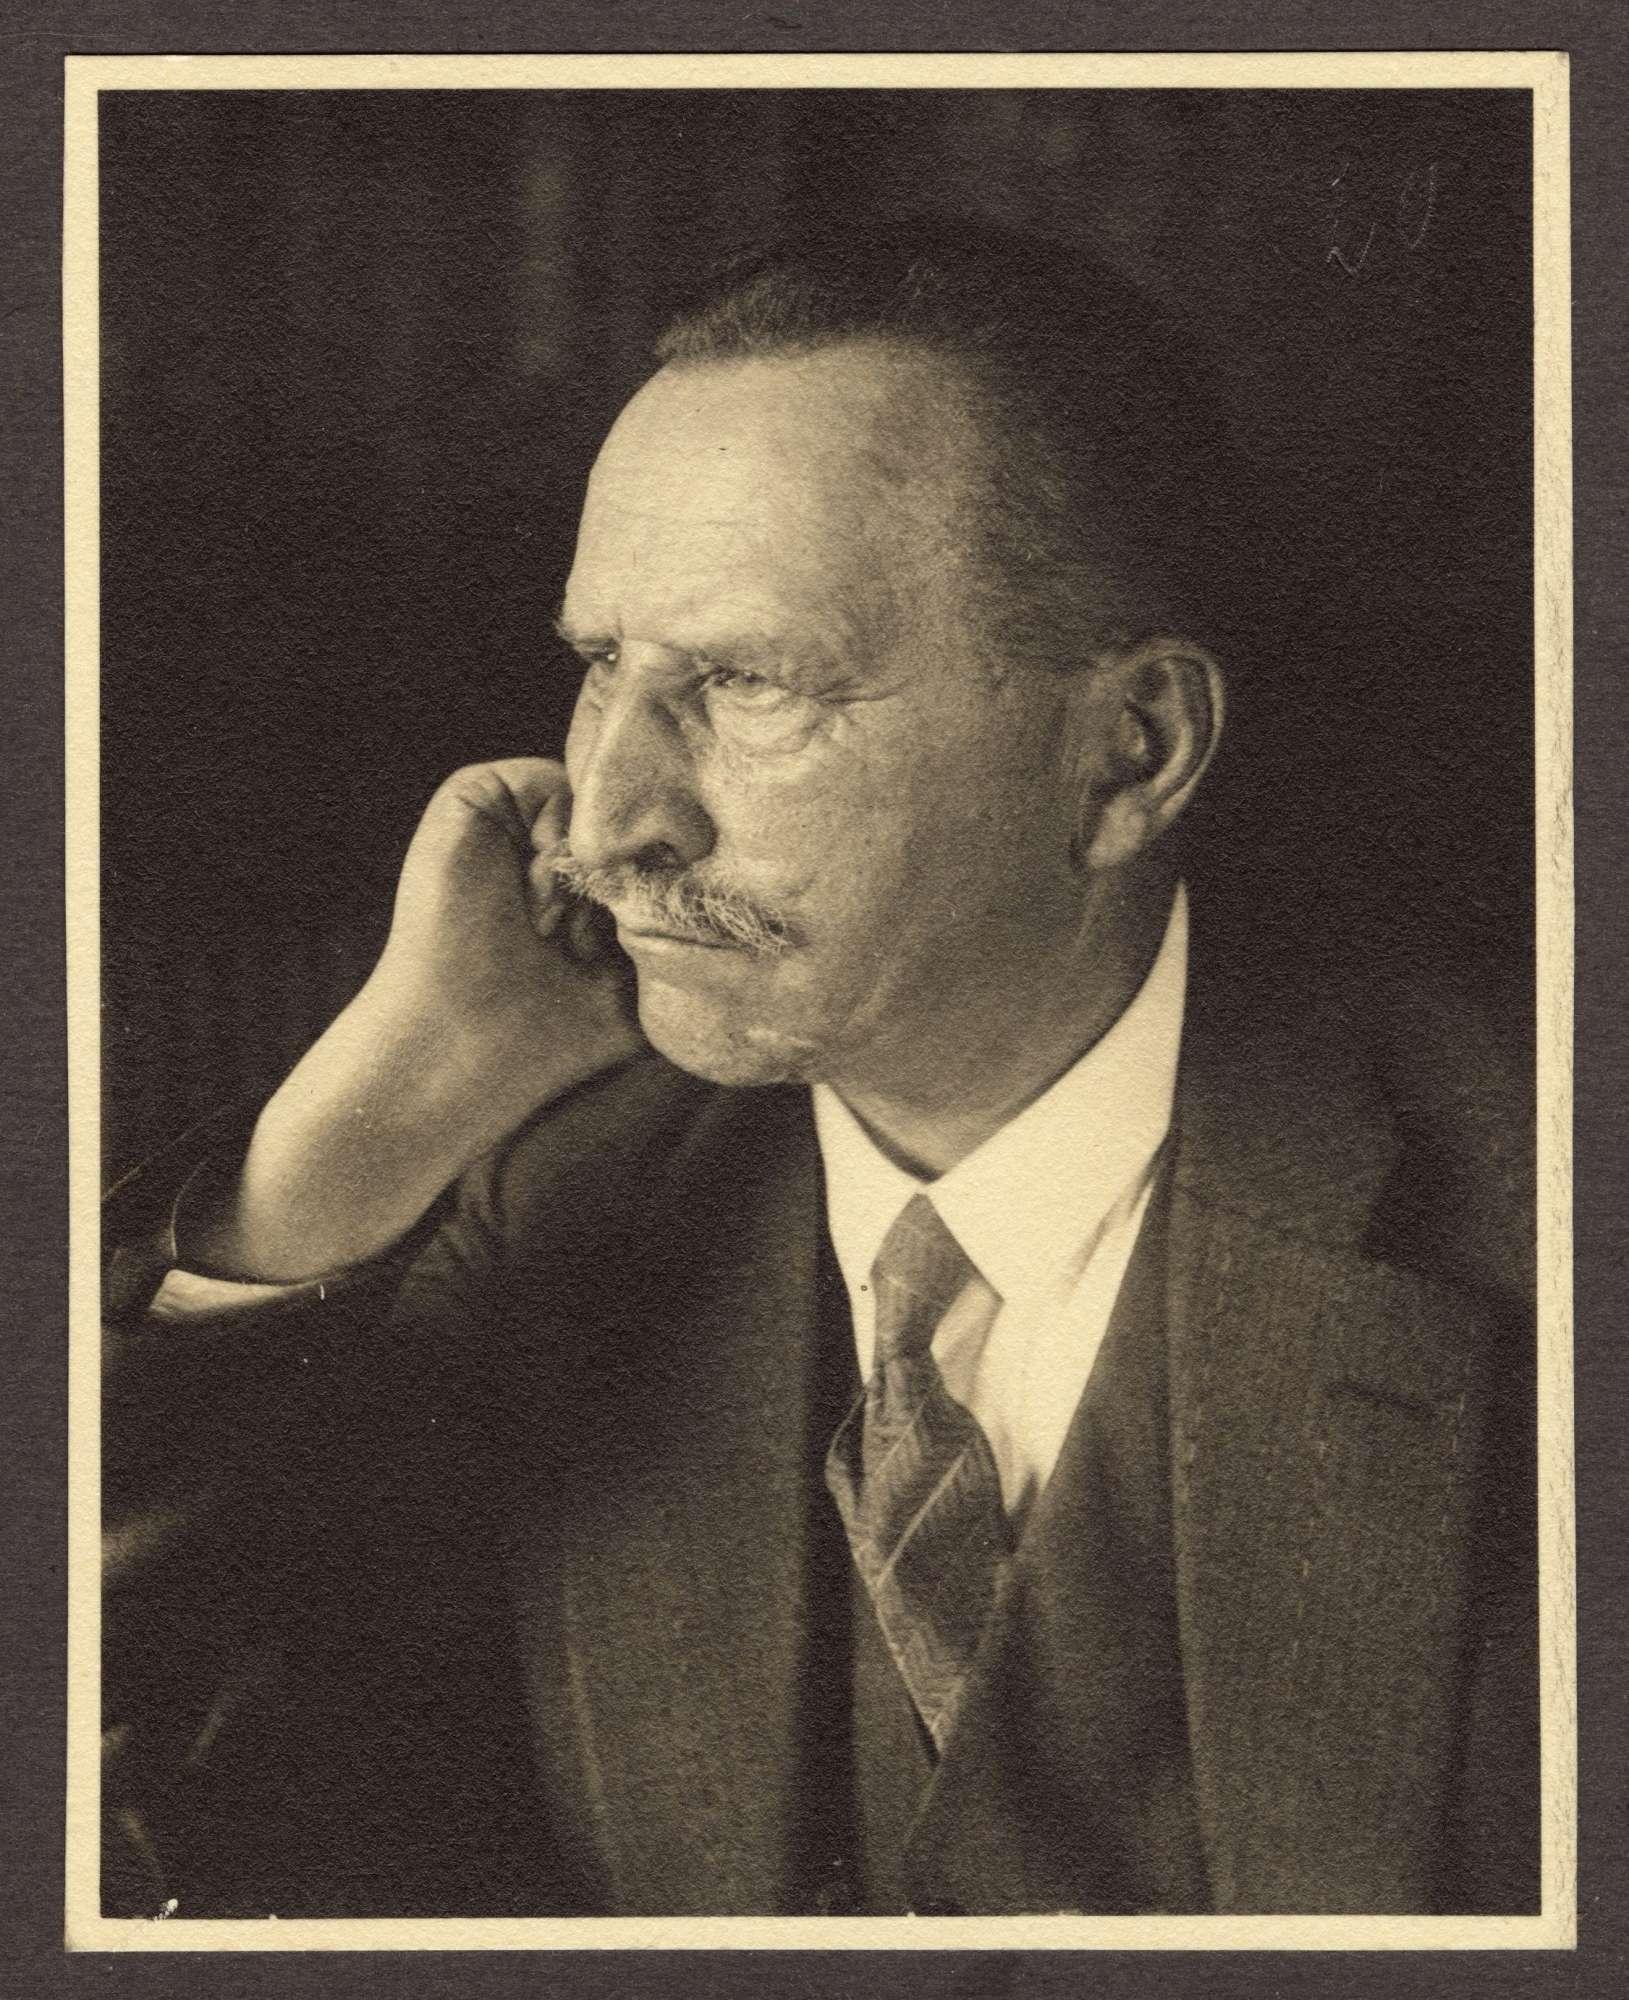 Scheurlen, Ernst von, Dr., Bild 1